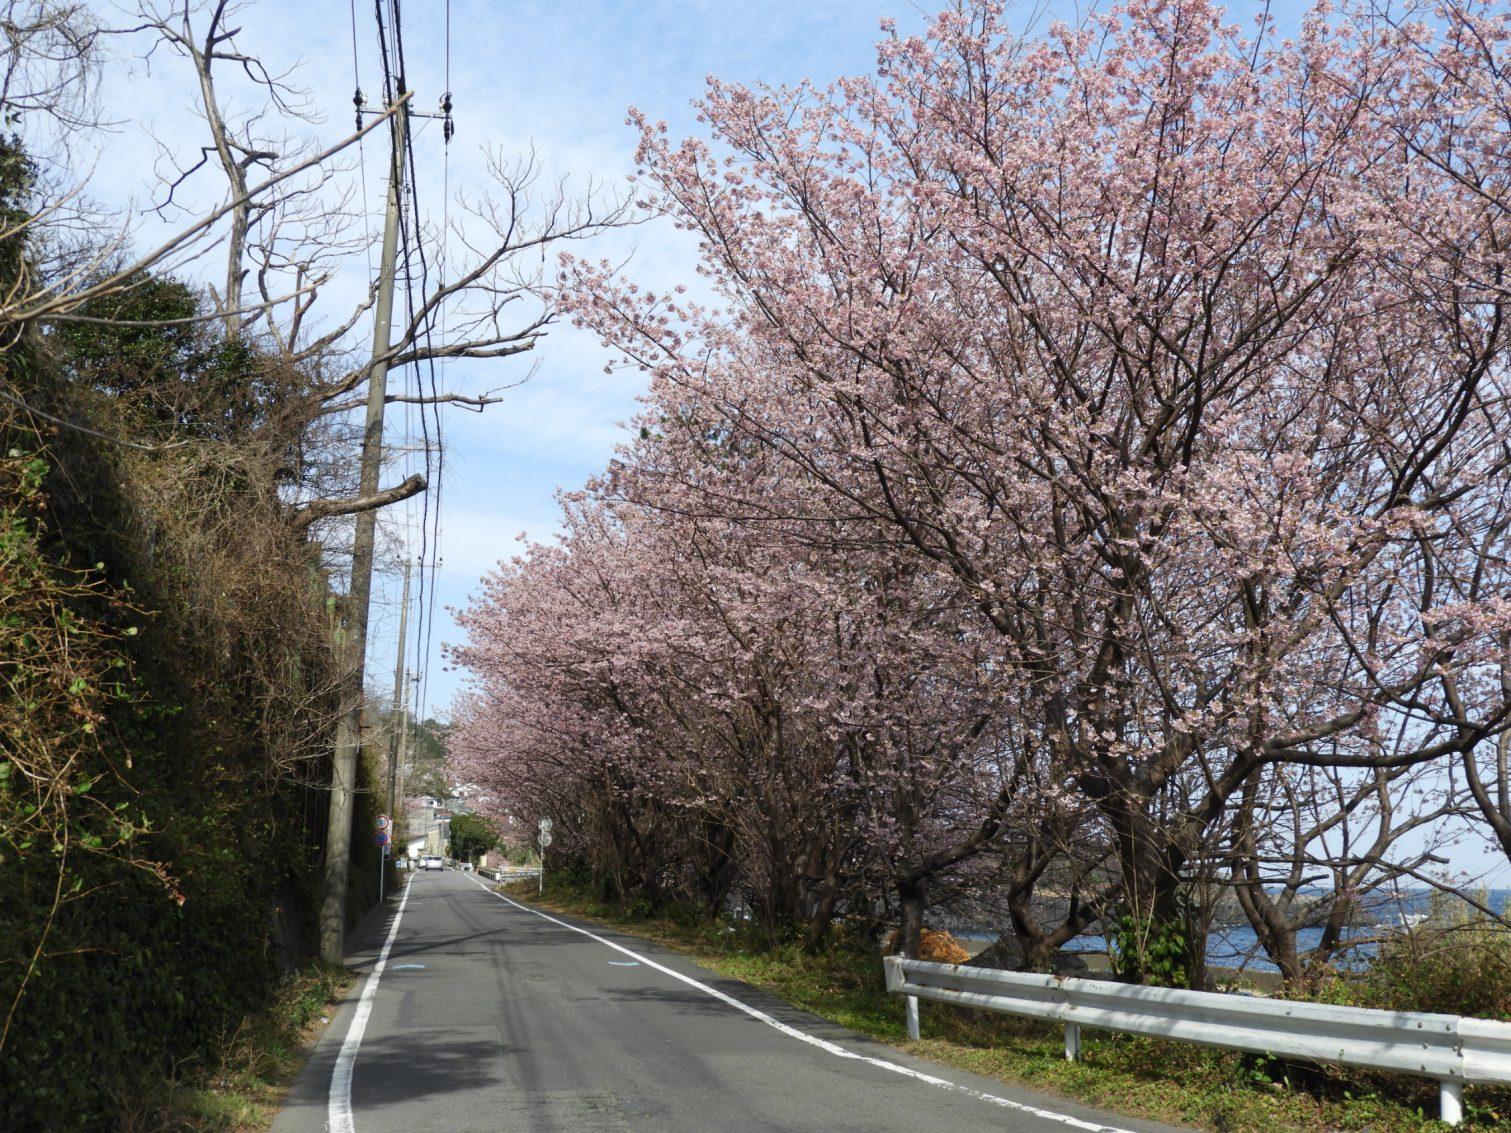 富戸港近くの城ケ崎桜開花状況2021年2月23日